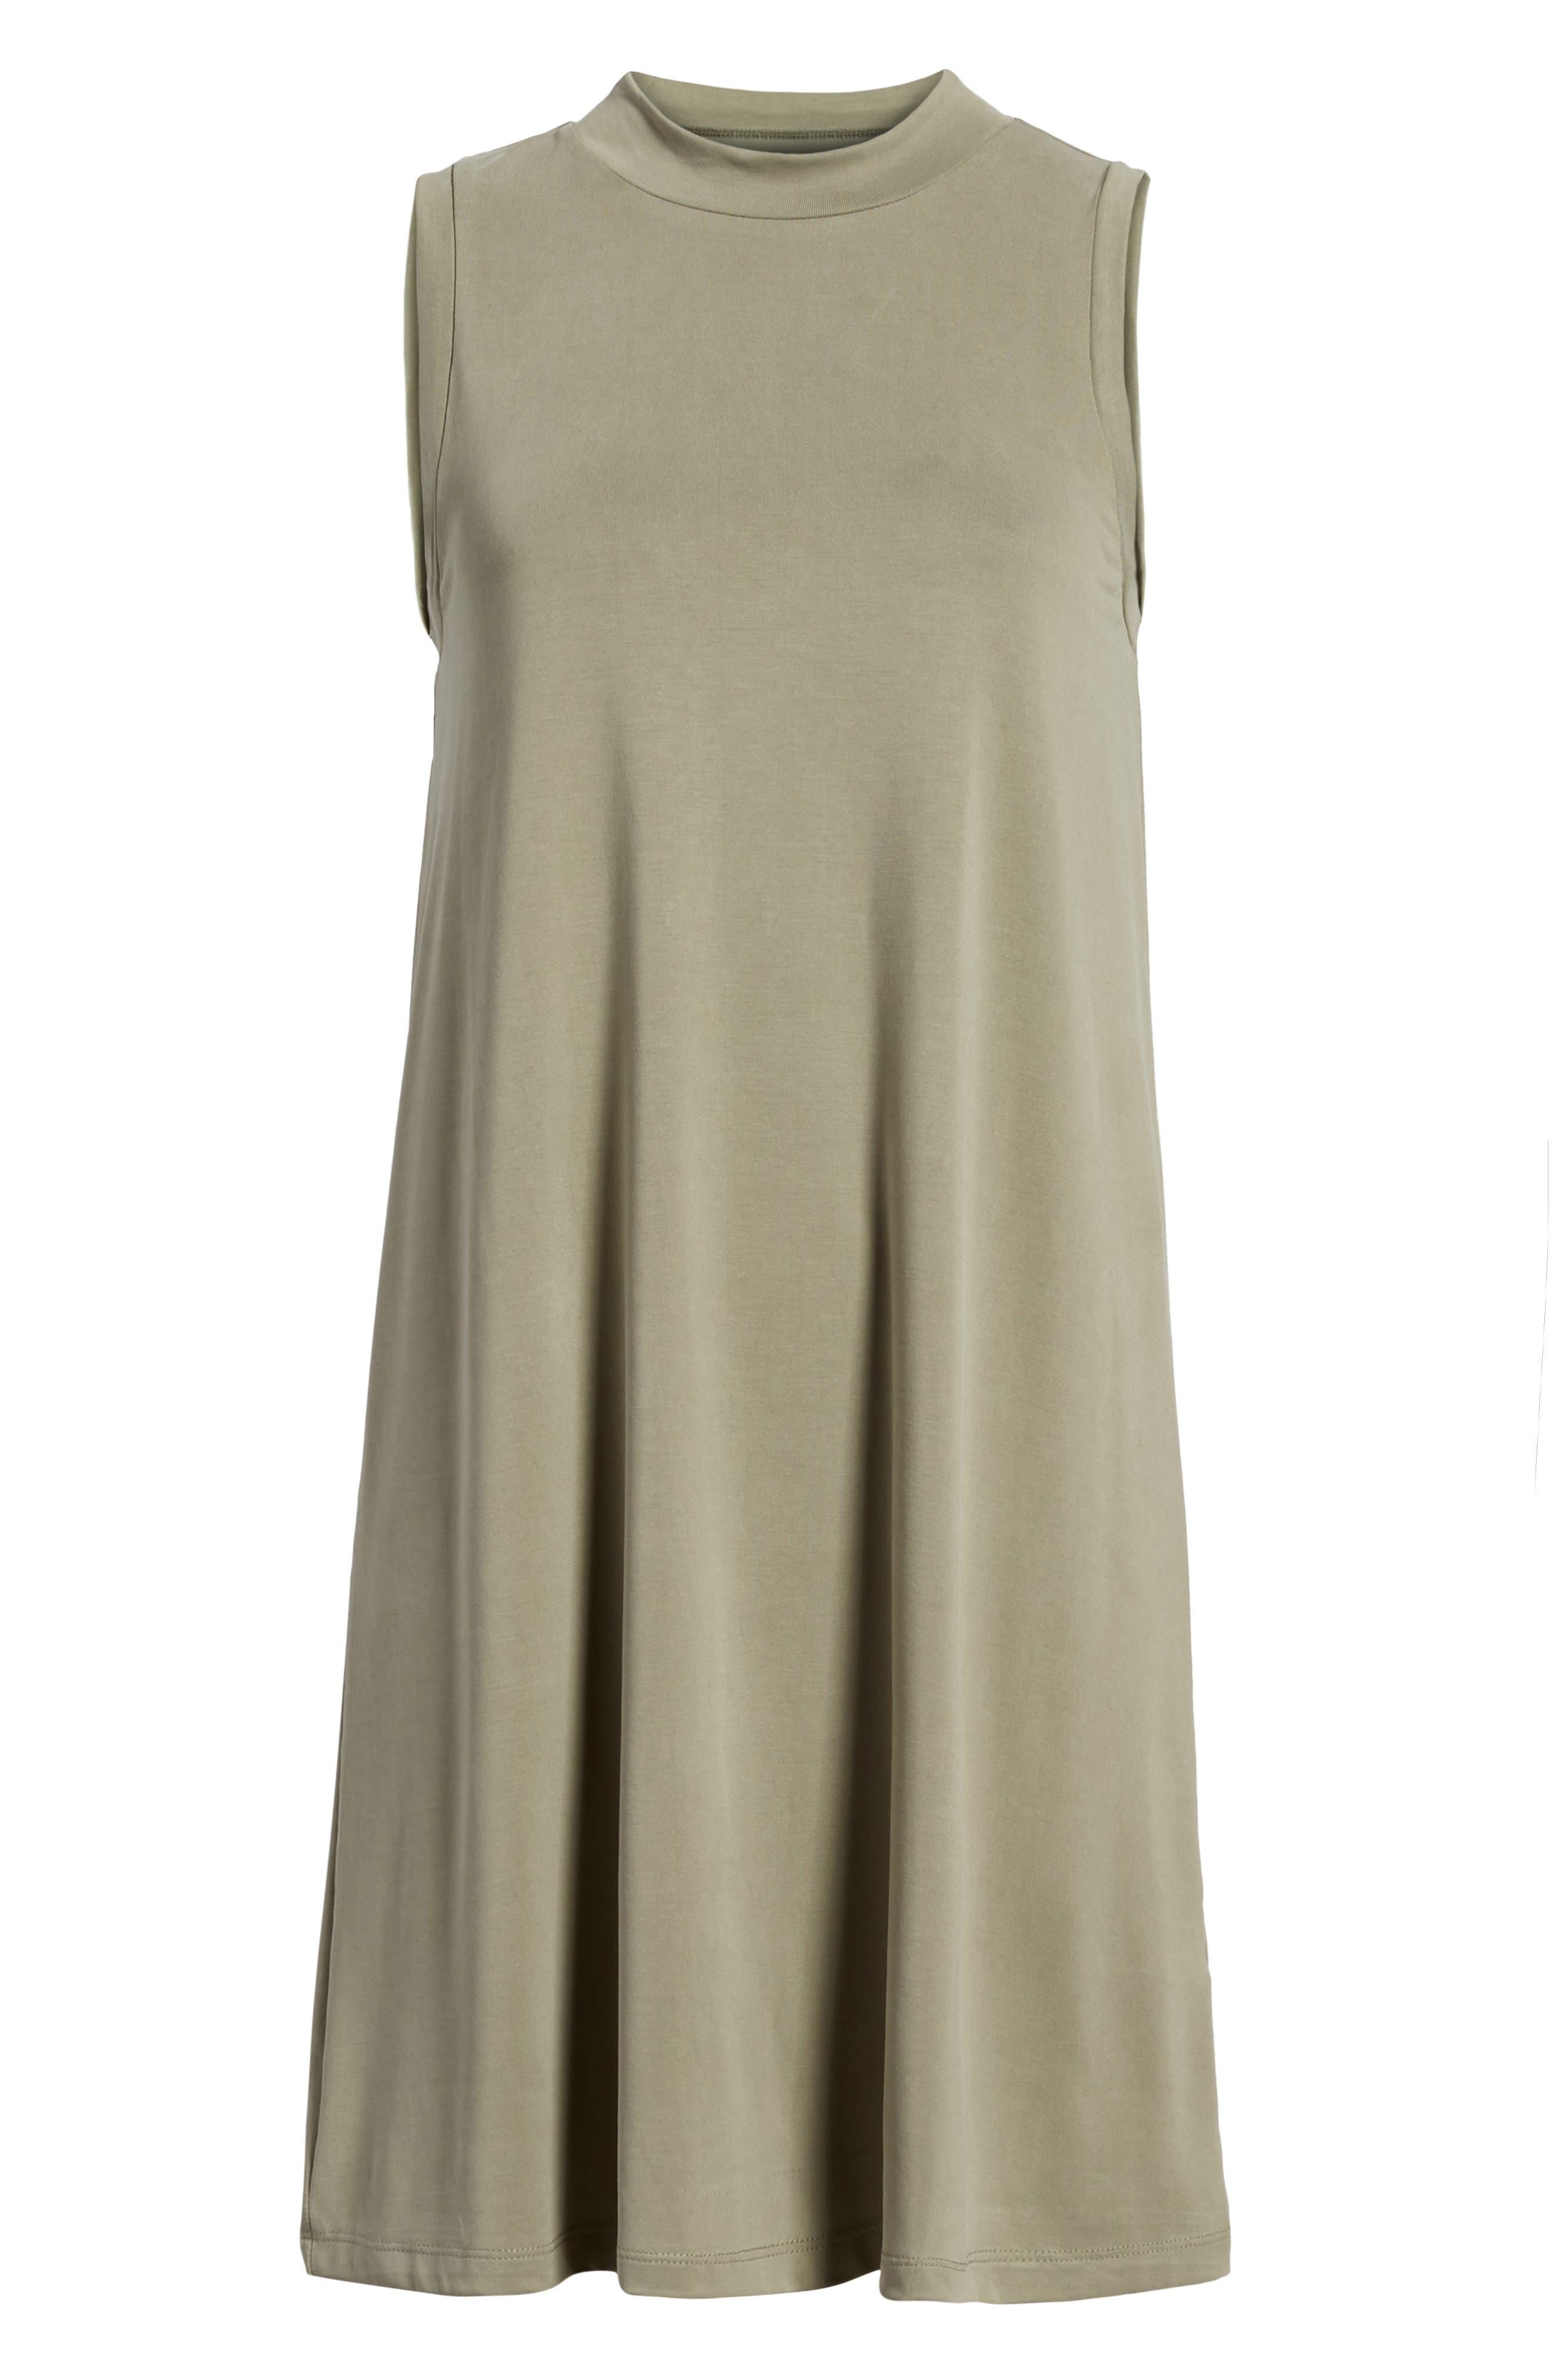 Sandwashed Mock Neck Tank Dress,                             Alternate thumbnail 6, color,                             Washed Olive